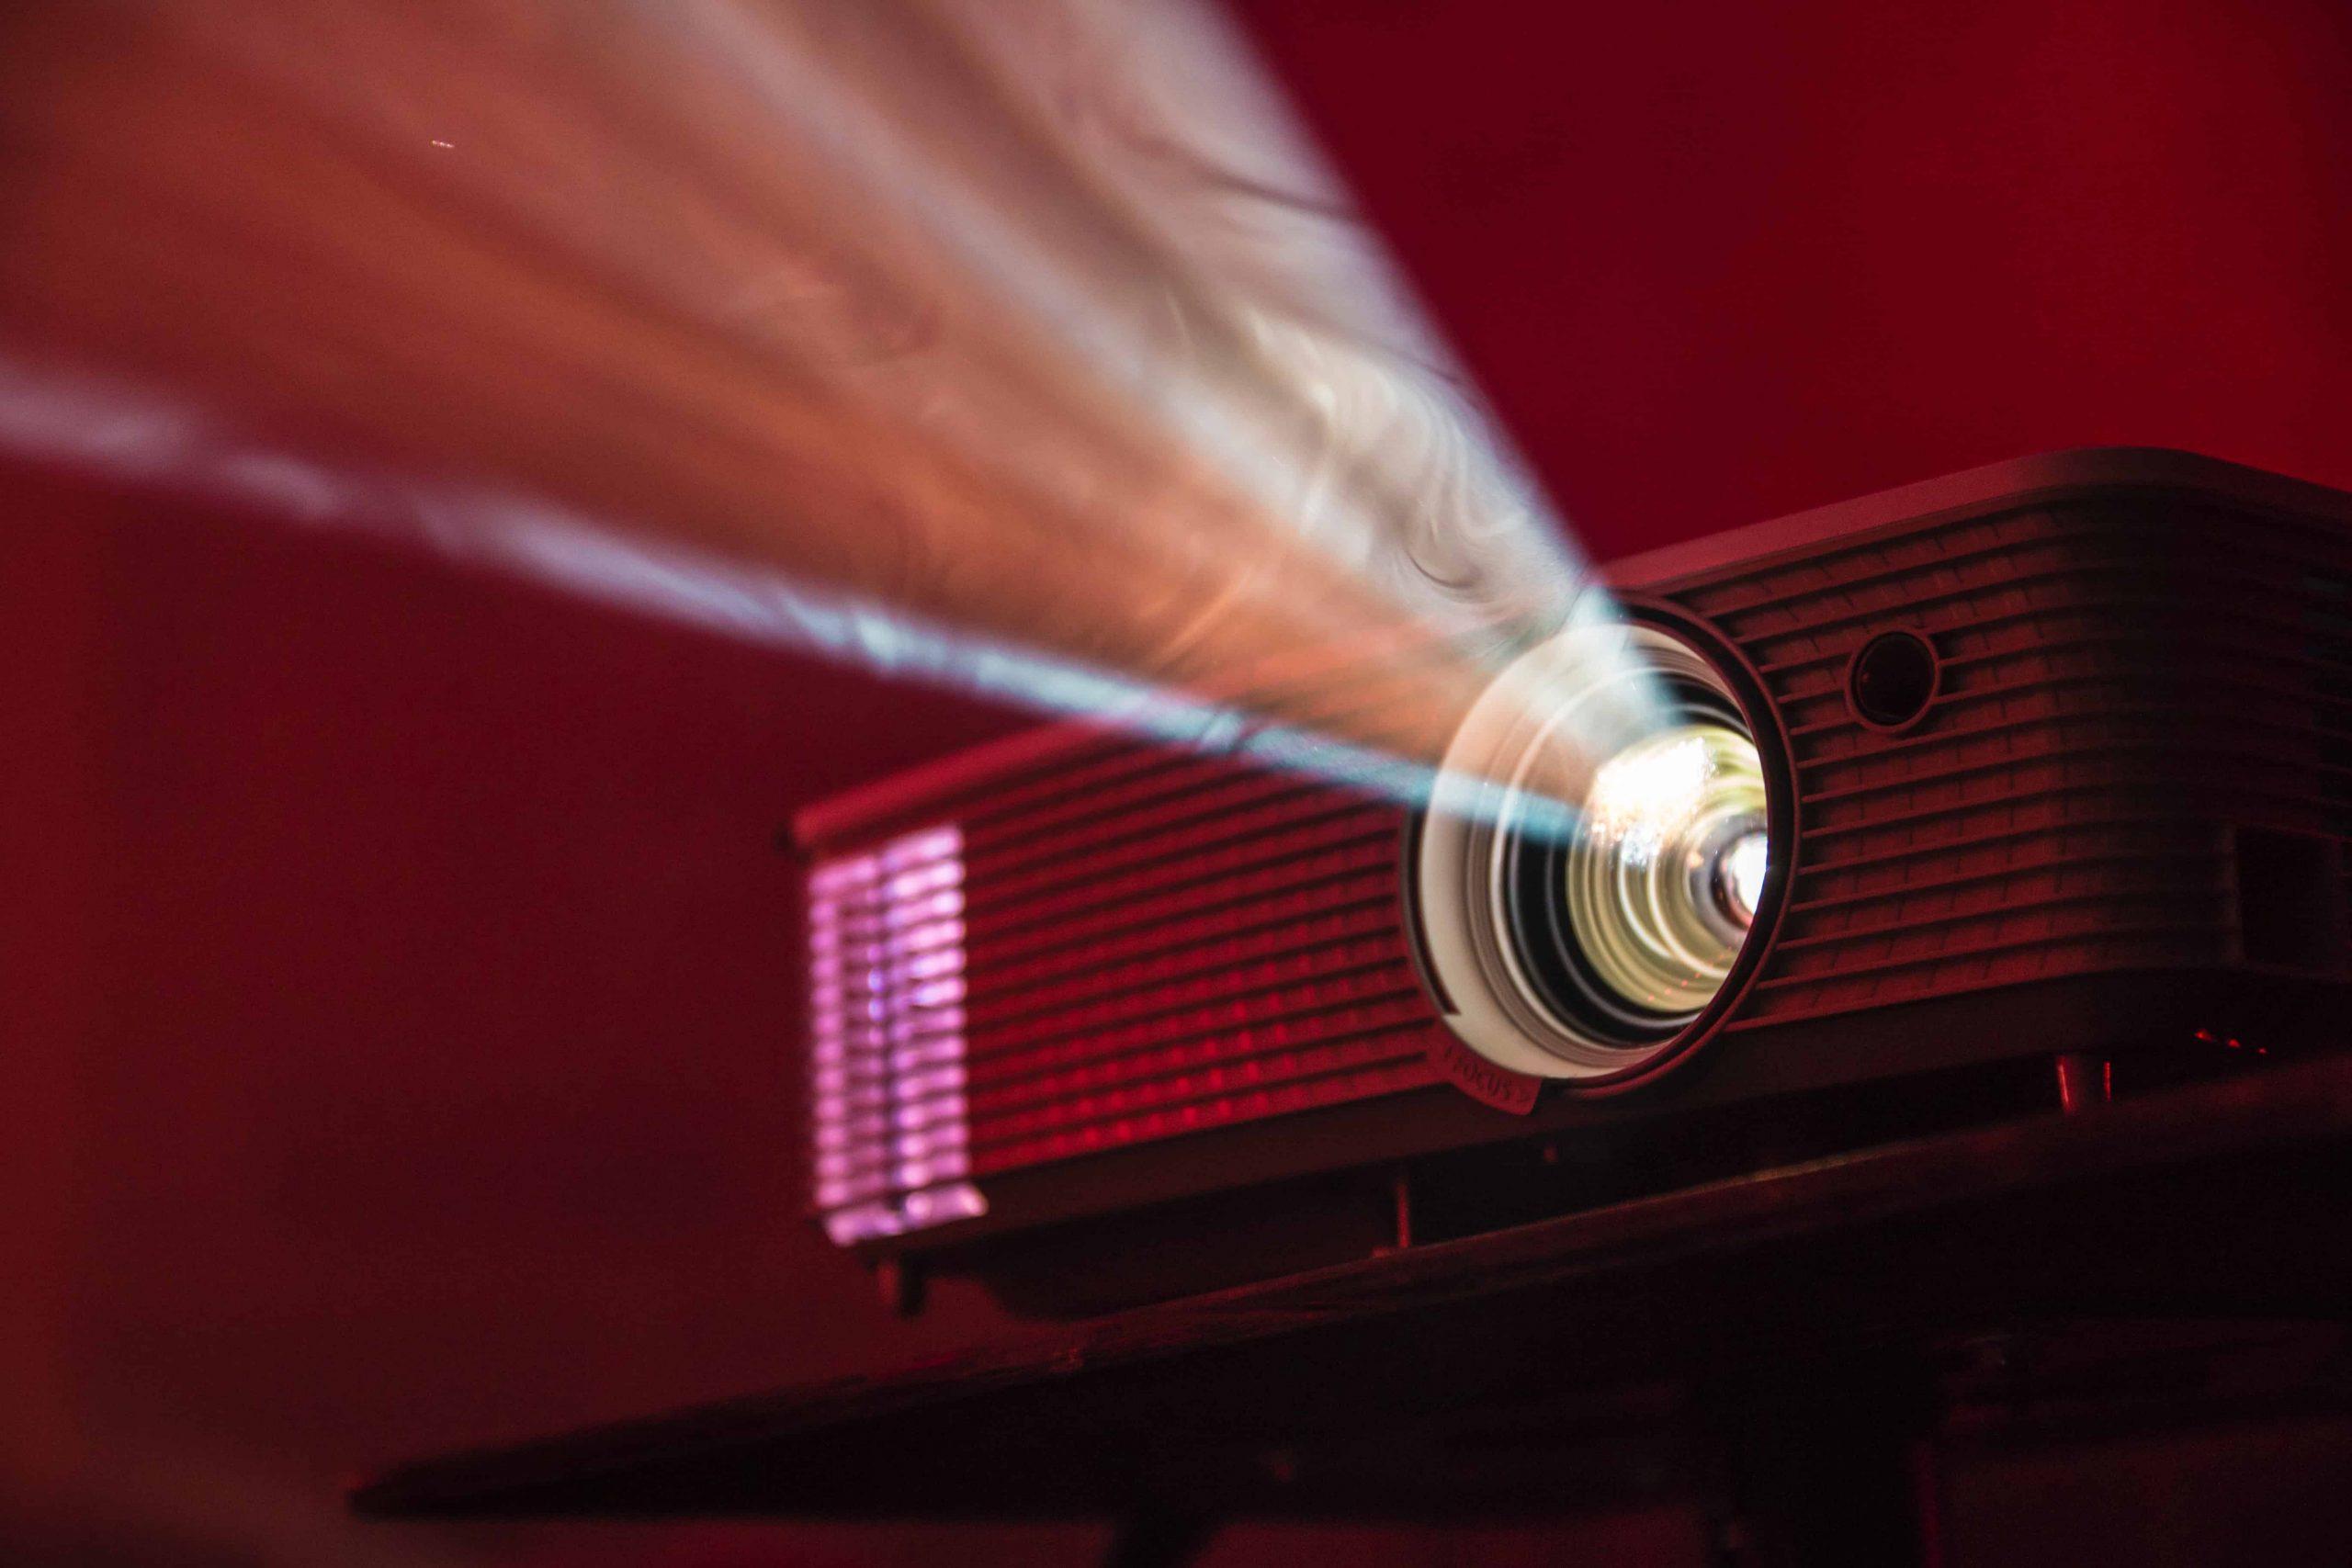 Projektionsuhr: Test & Empfehlungen (01/21)